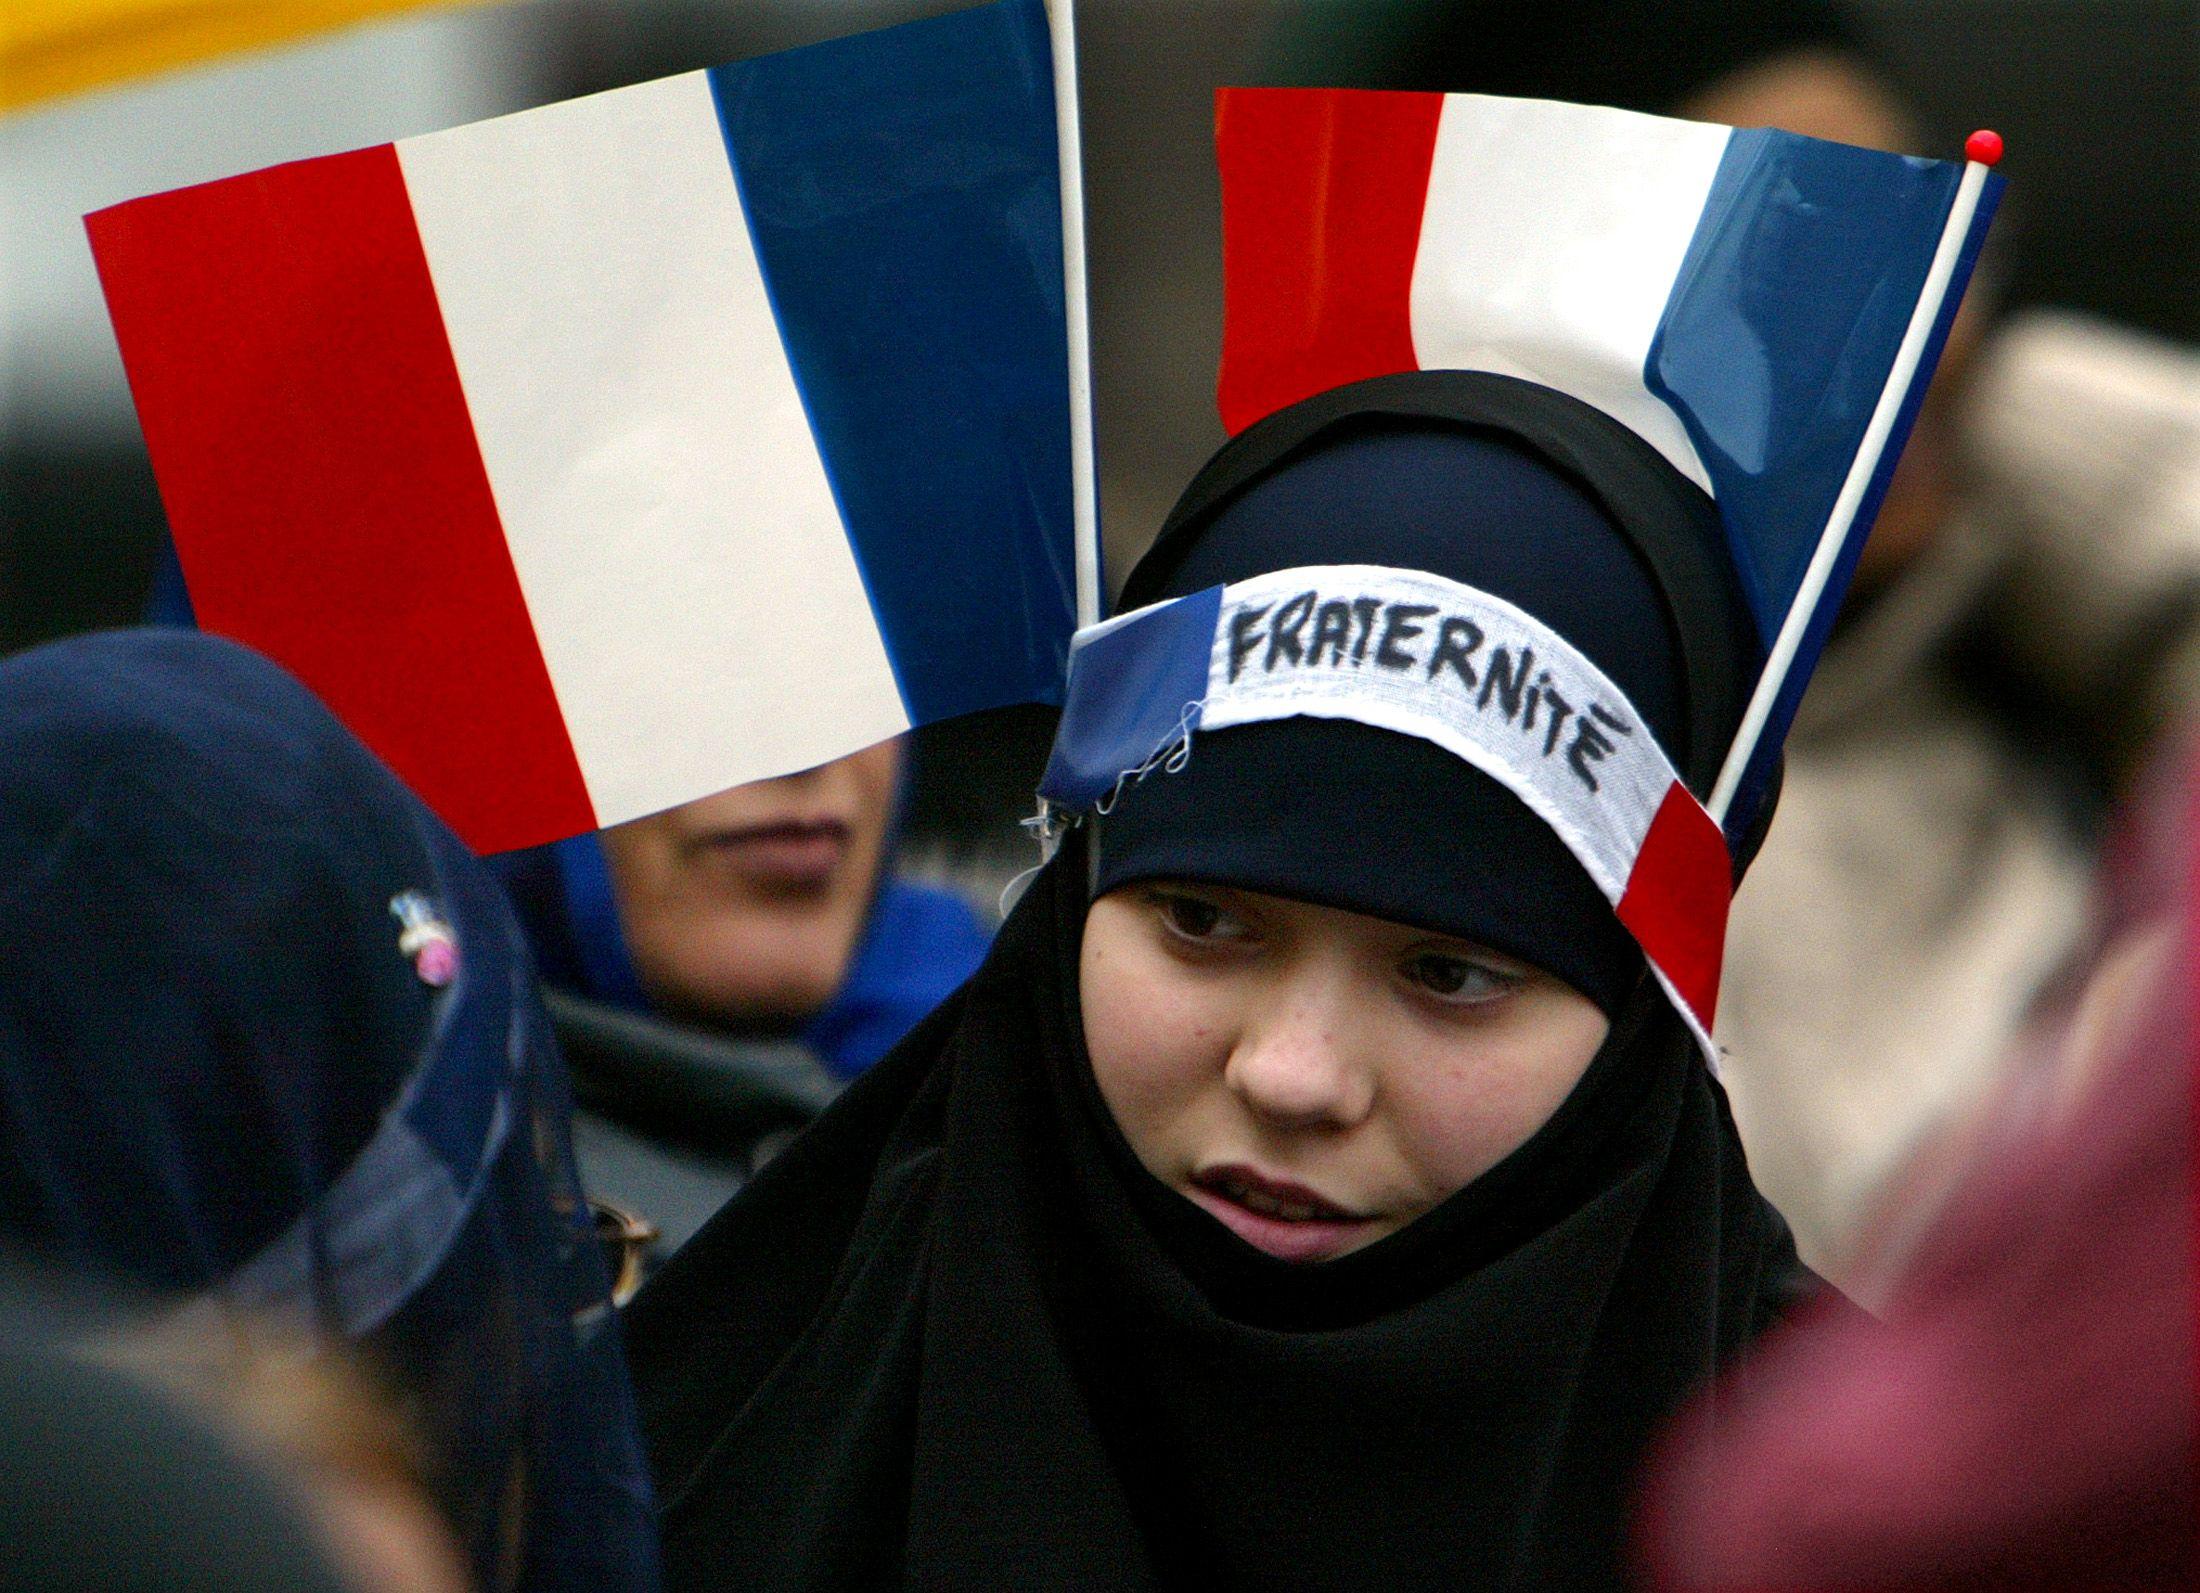 Le multiculturalisme, cheval de Troie de l'islamisme ?